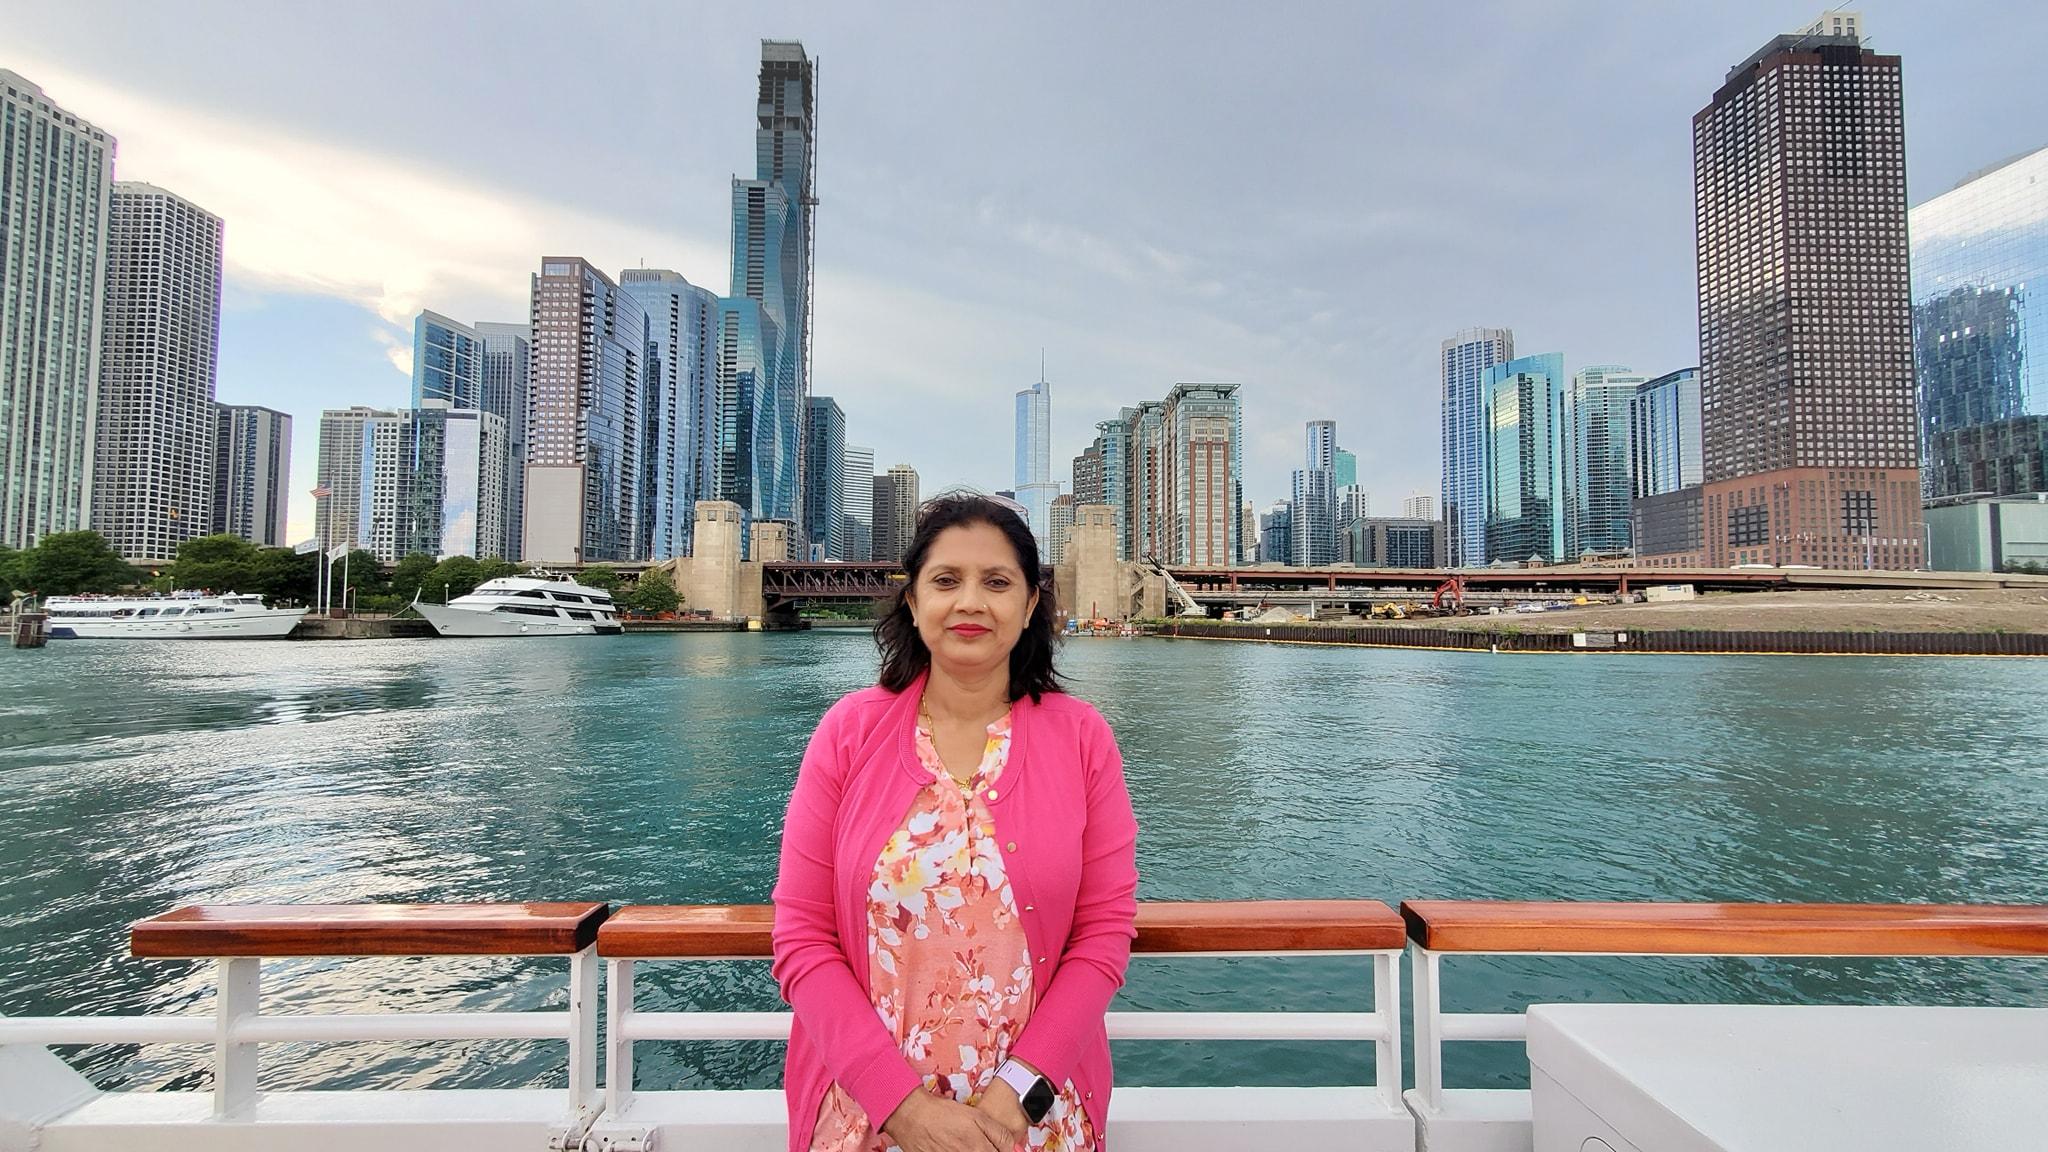 Mrs. Laxmi Aryal